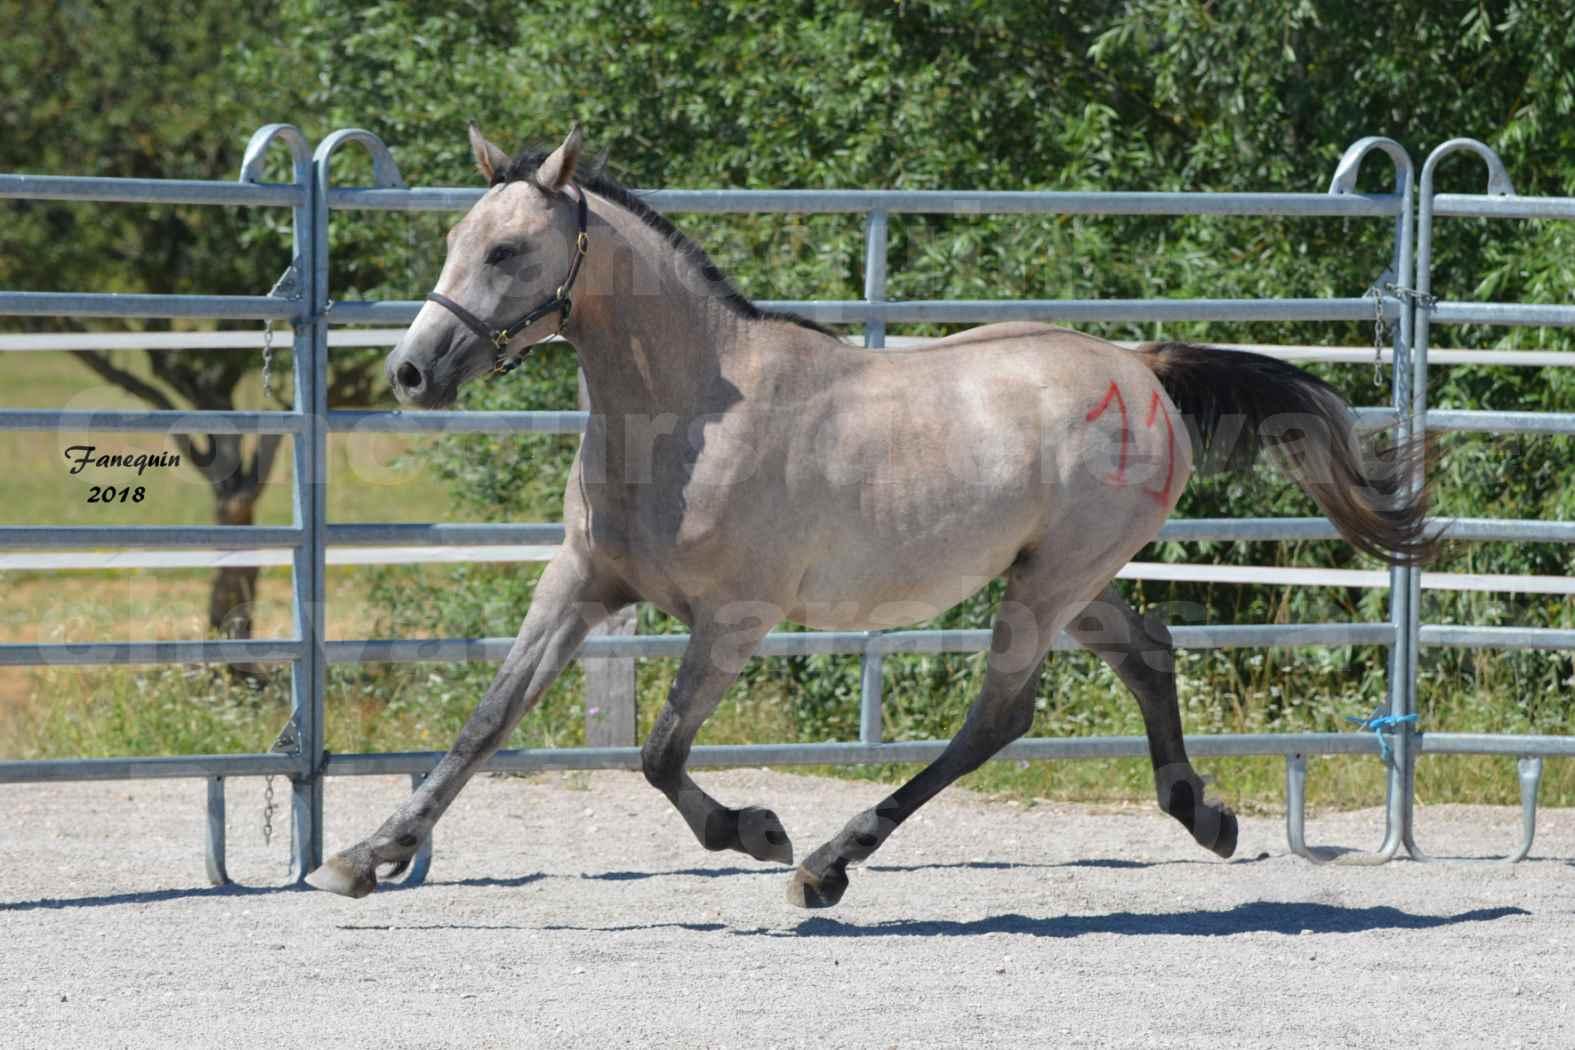 Concours d'Elevage de chevaux Arabes  le 27 juin 2018 à la BOISSIERE - GAZRAK D'AURIERES - 06